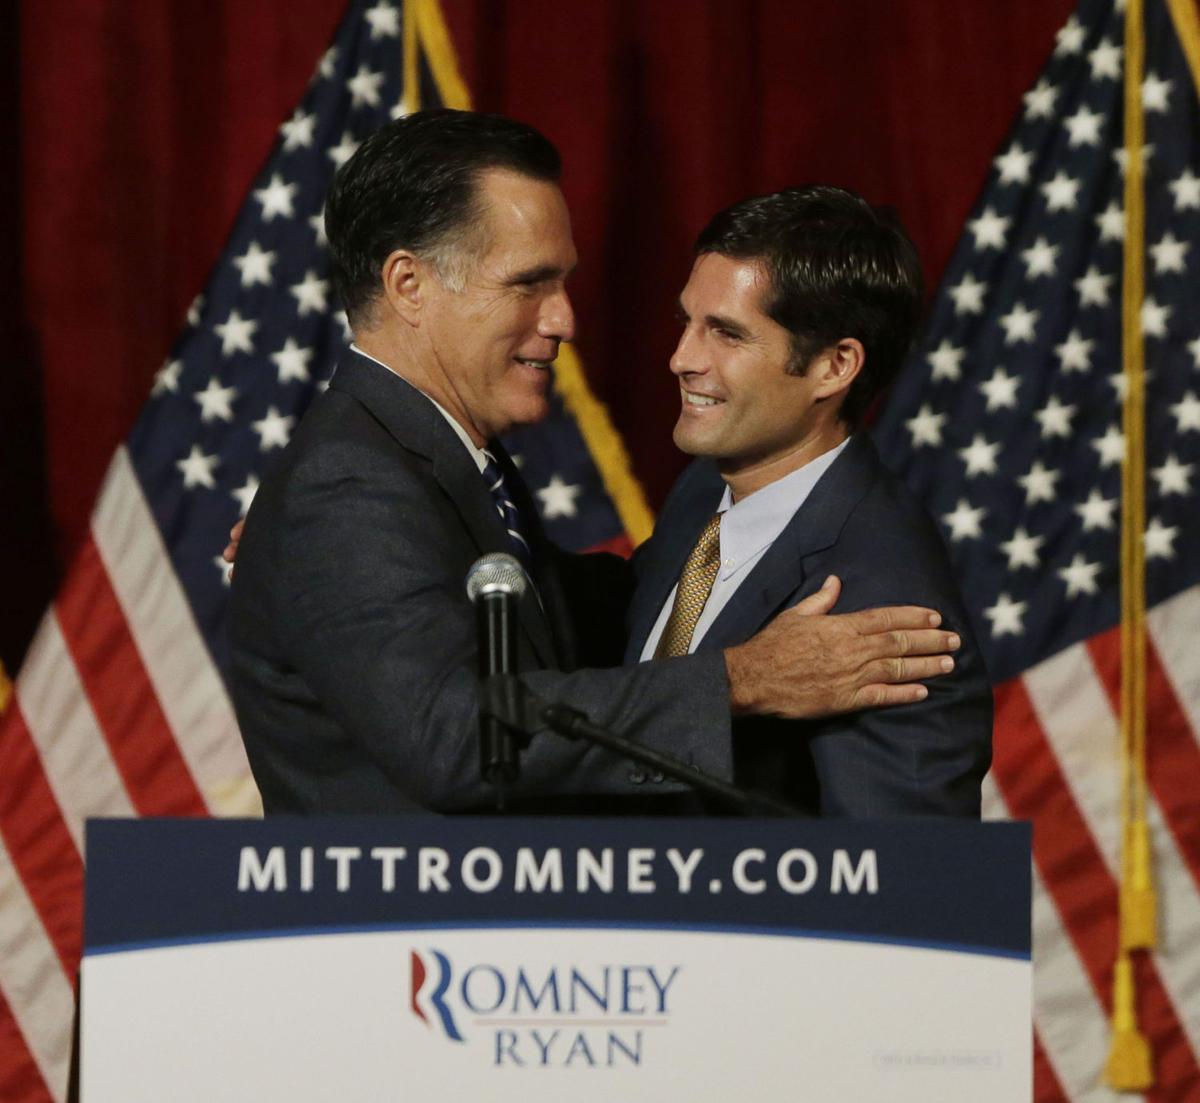 Romney focuses on fundraising in California